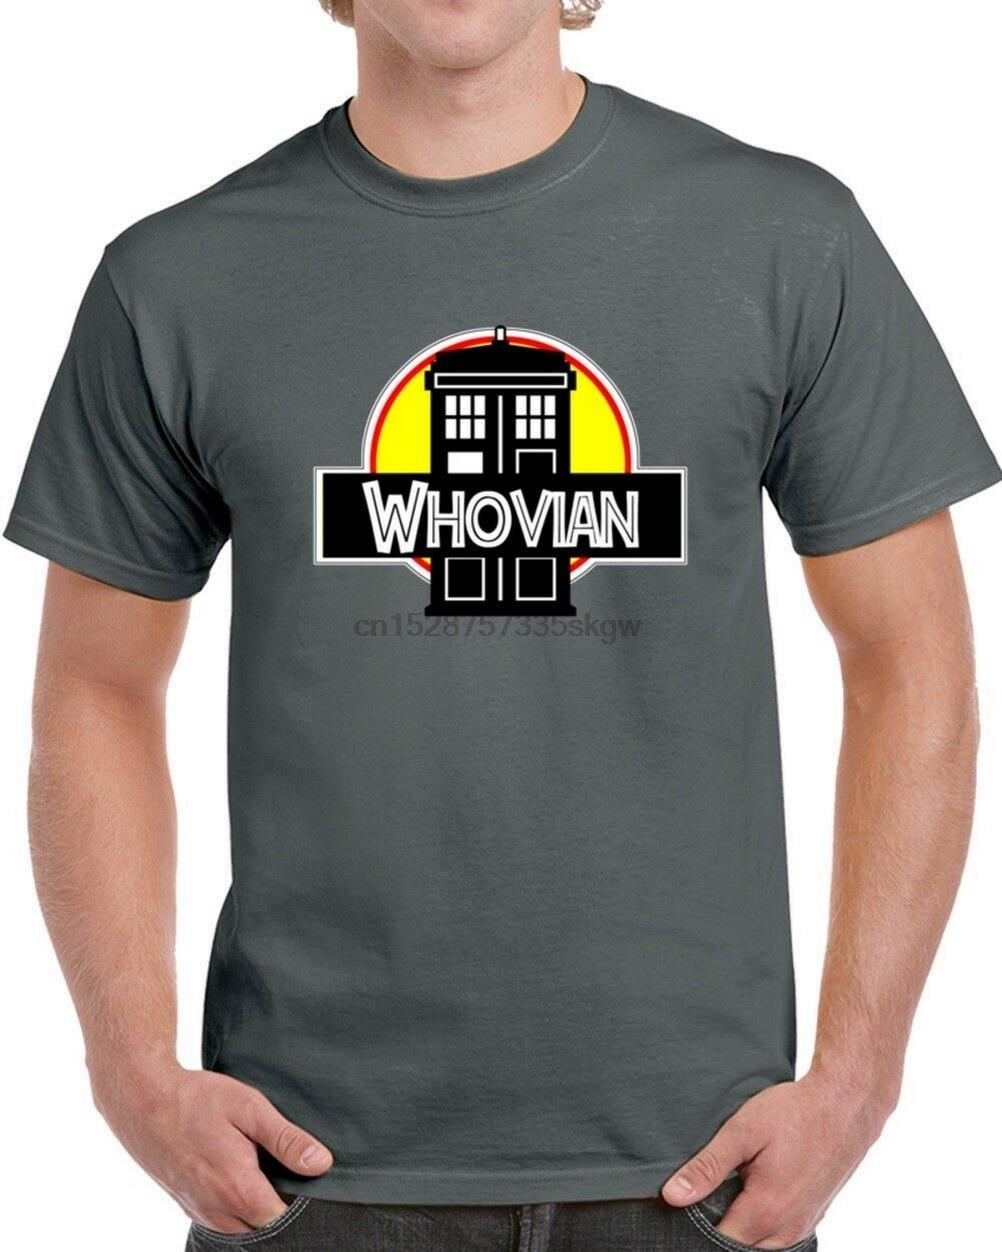 Tee Tişörtlü Ücretsiz Kargo Tops Whovian Dr. Erkekler Kadınlar Tişört S-5XL Boyut 11 Renkler için T-Shirt